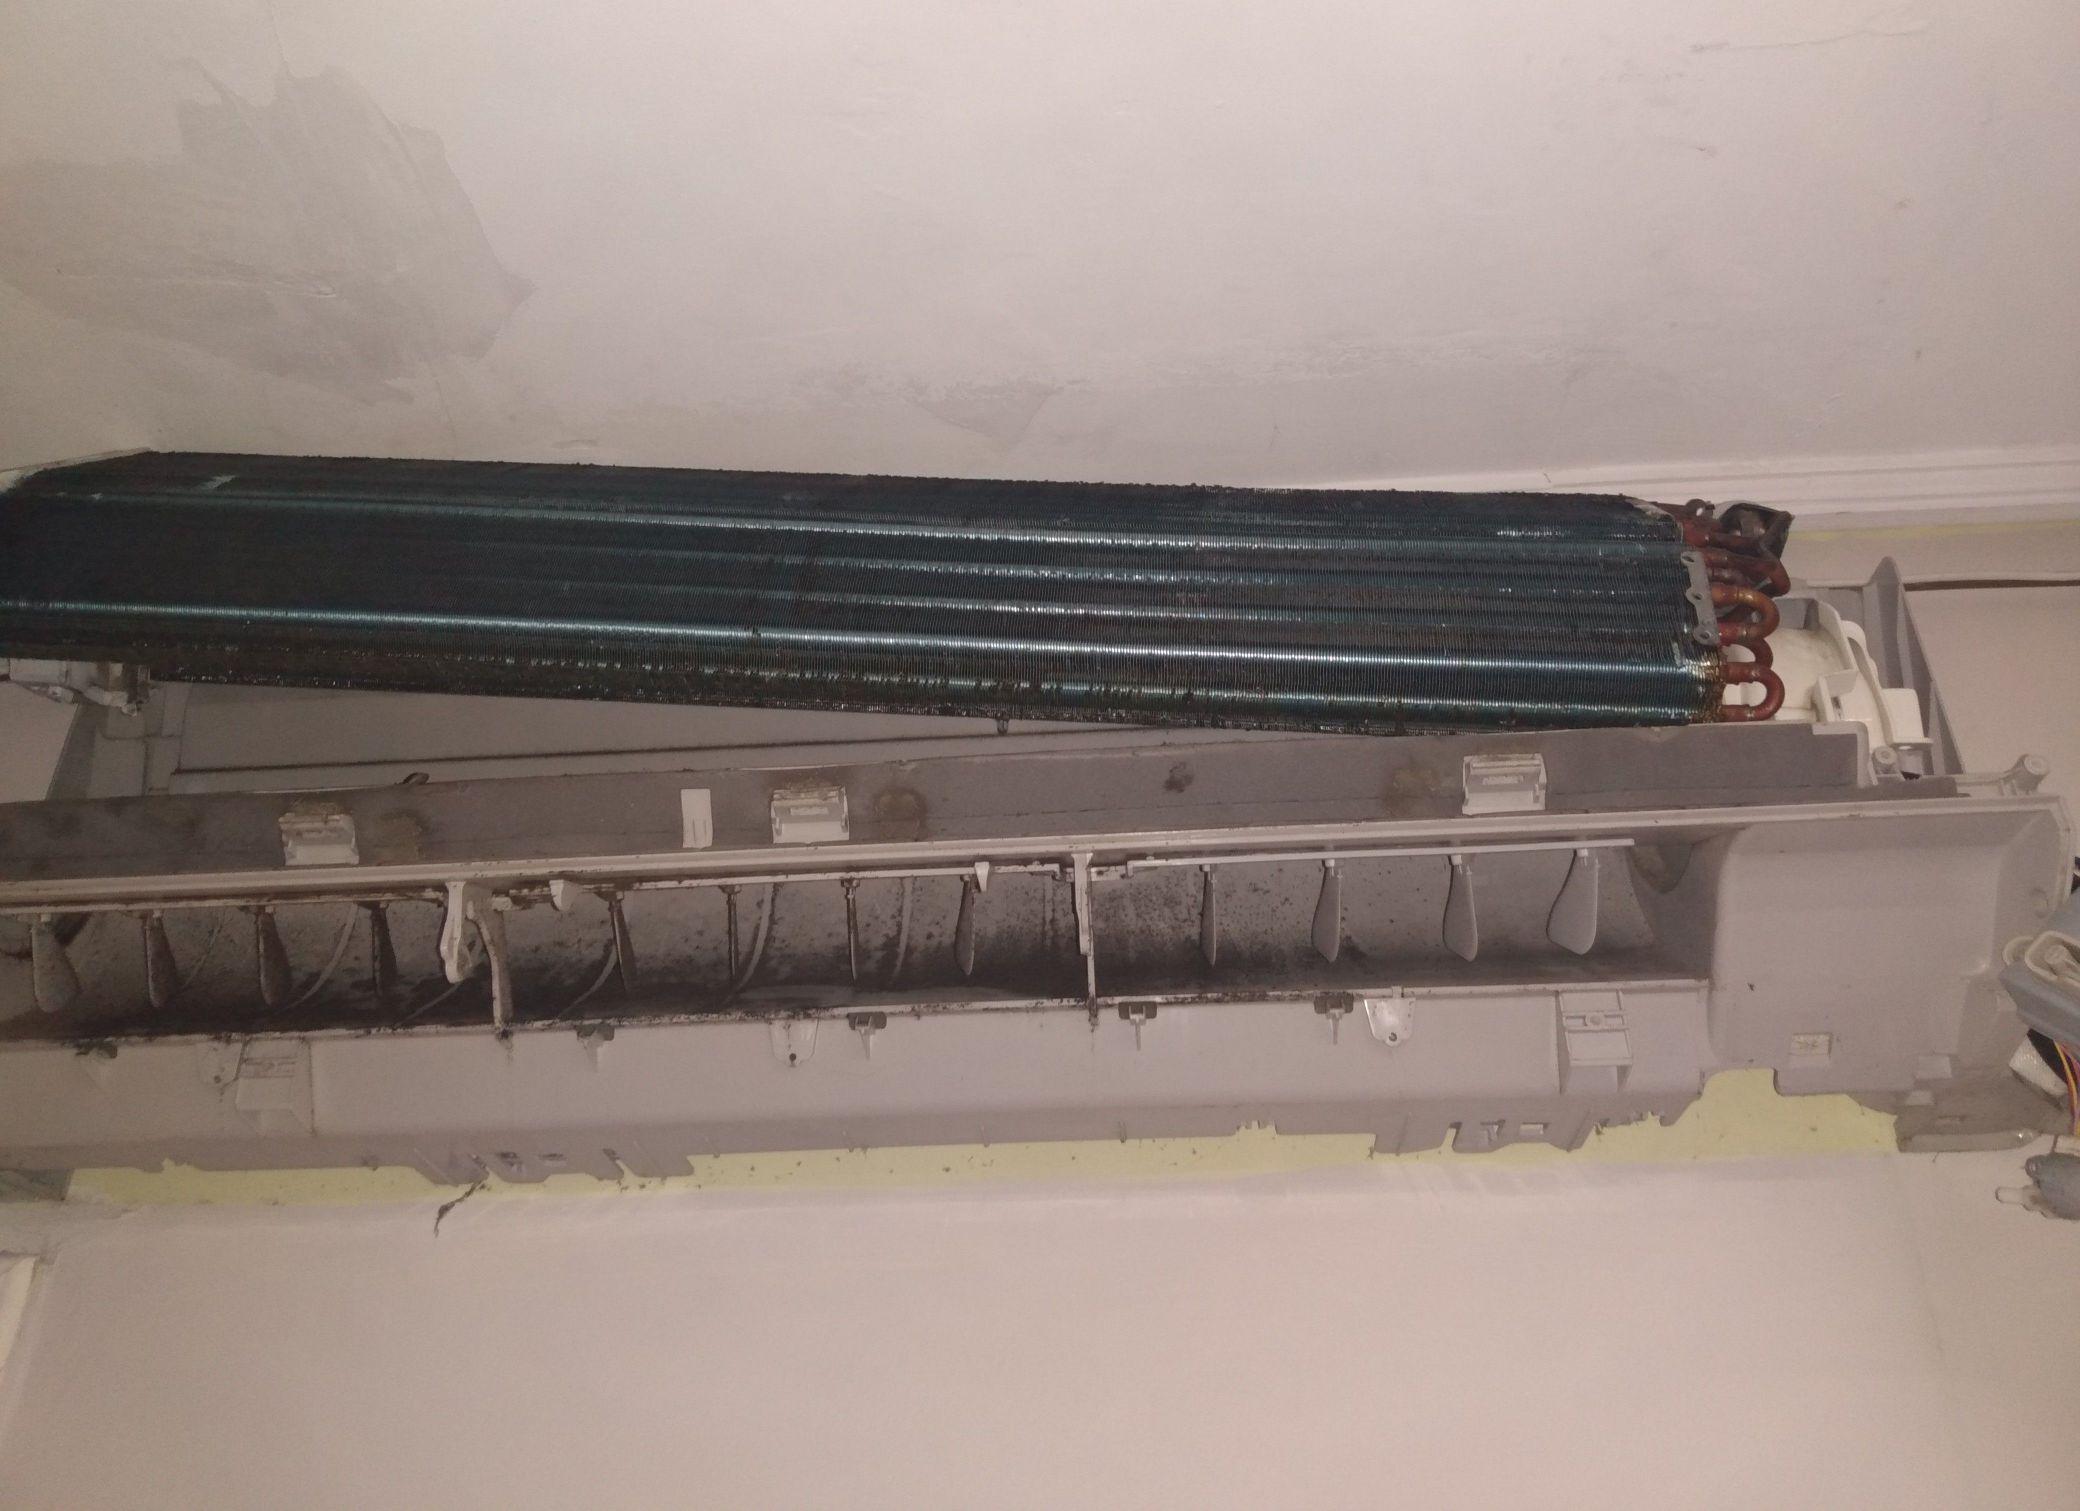 Deve-se retirar a turbina/ventilador